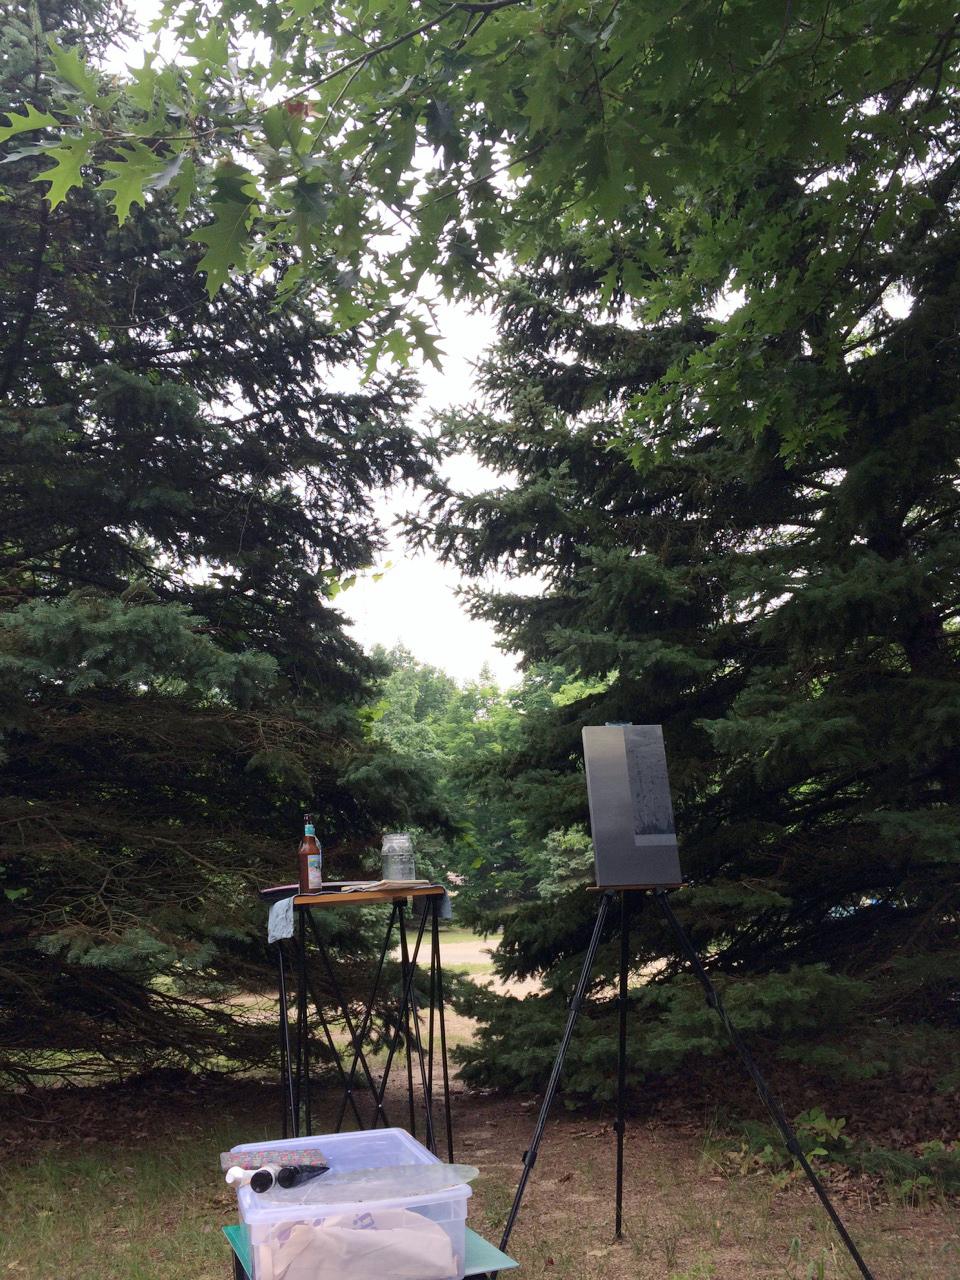 Van Buren State Park studio | South Haven, MI